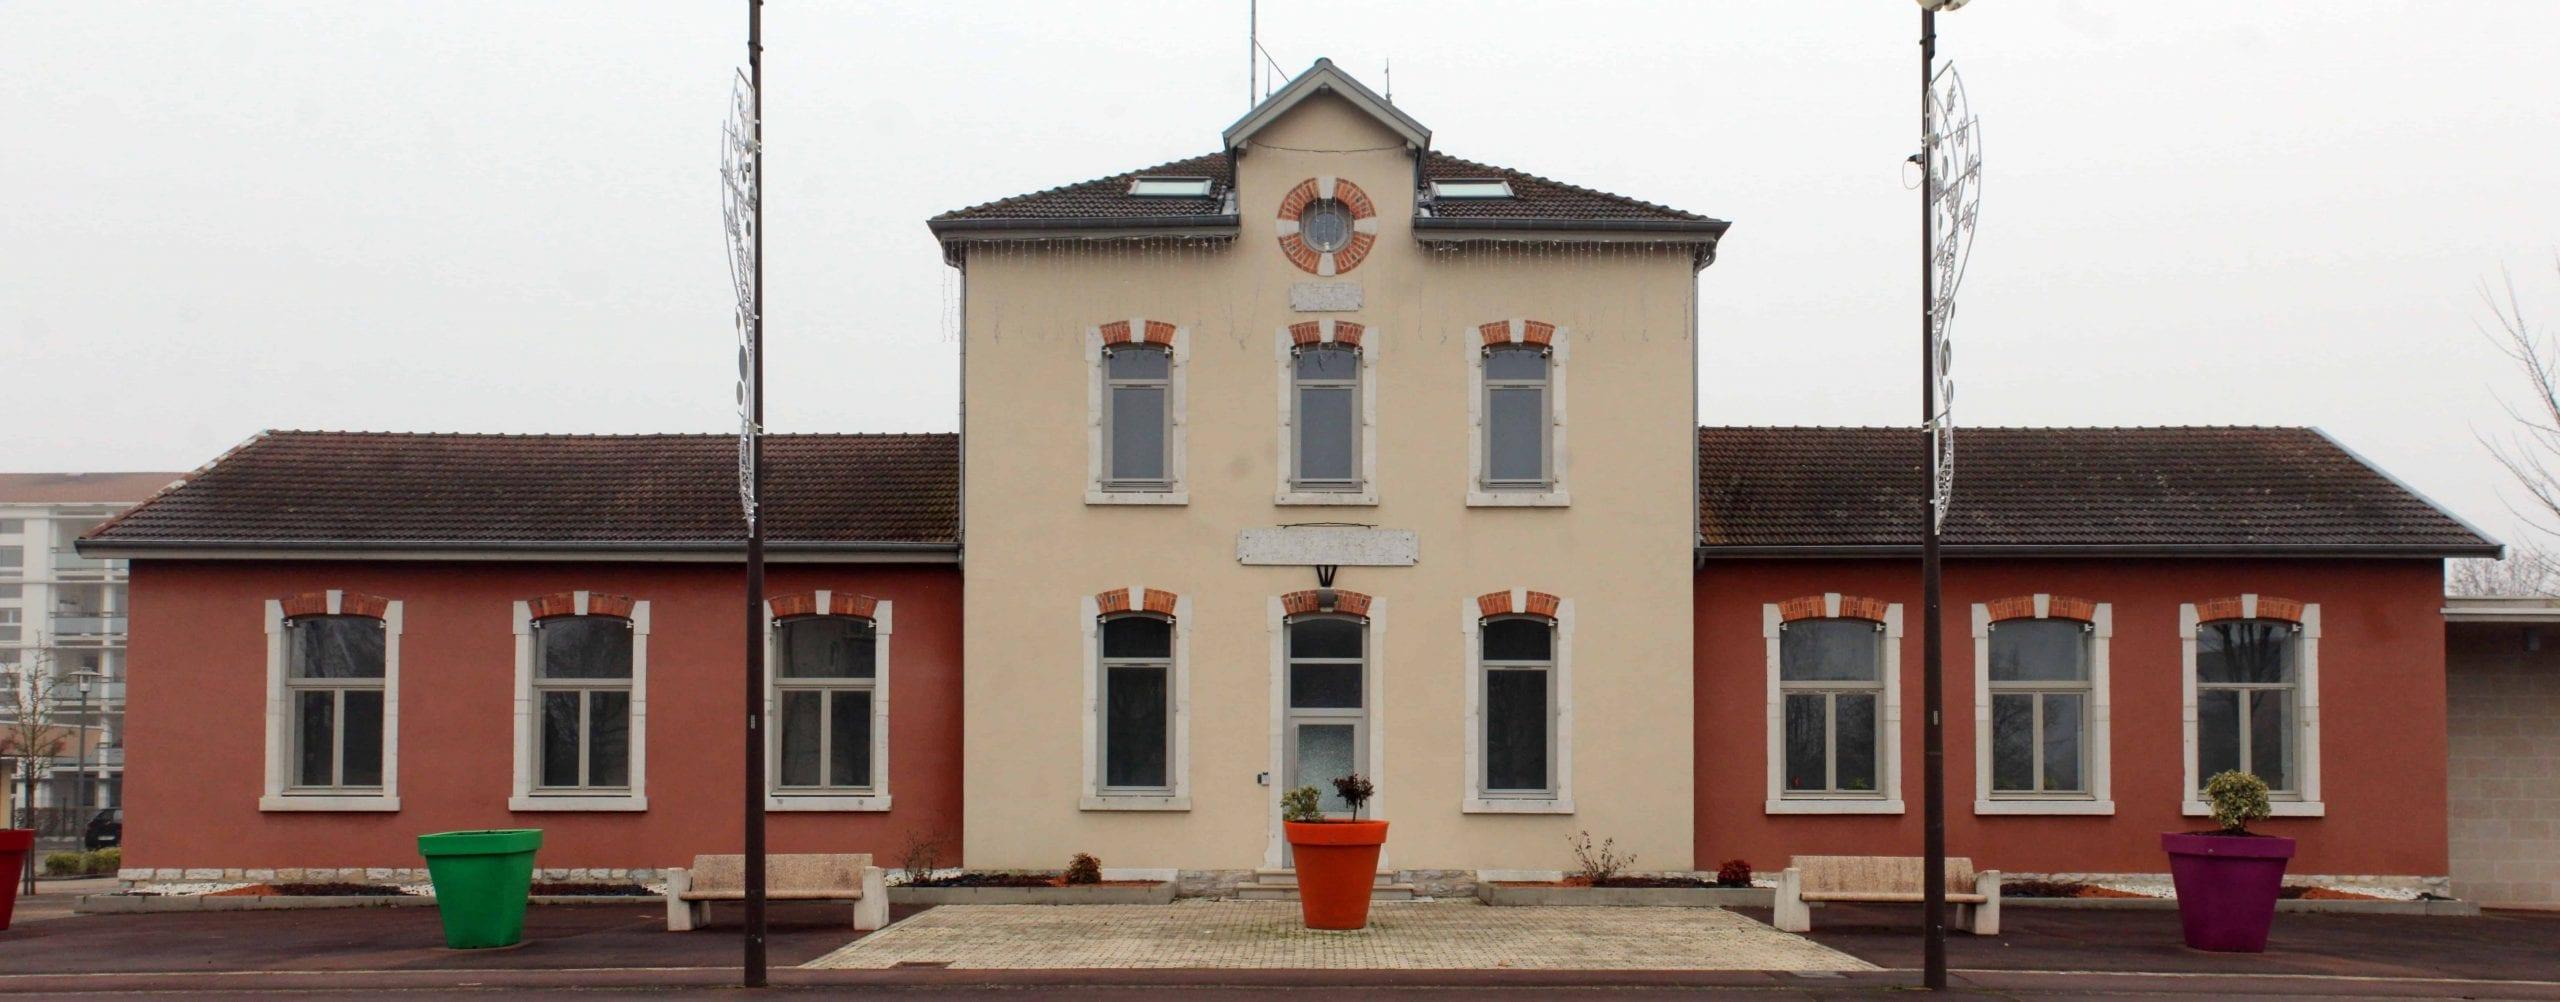 Mairie de péronnas